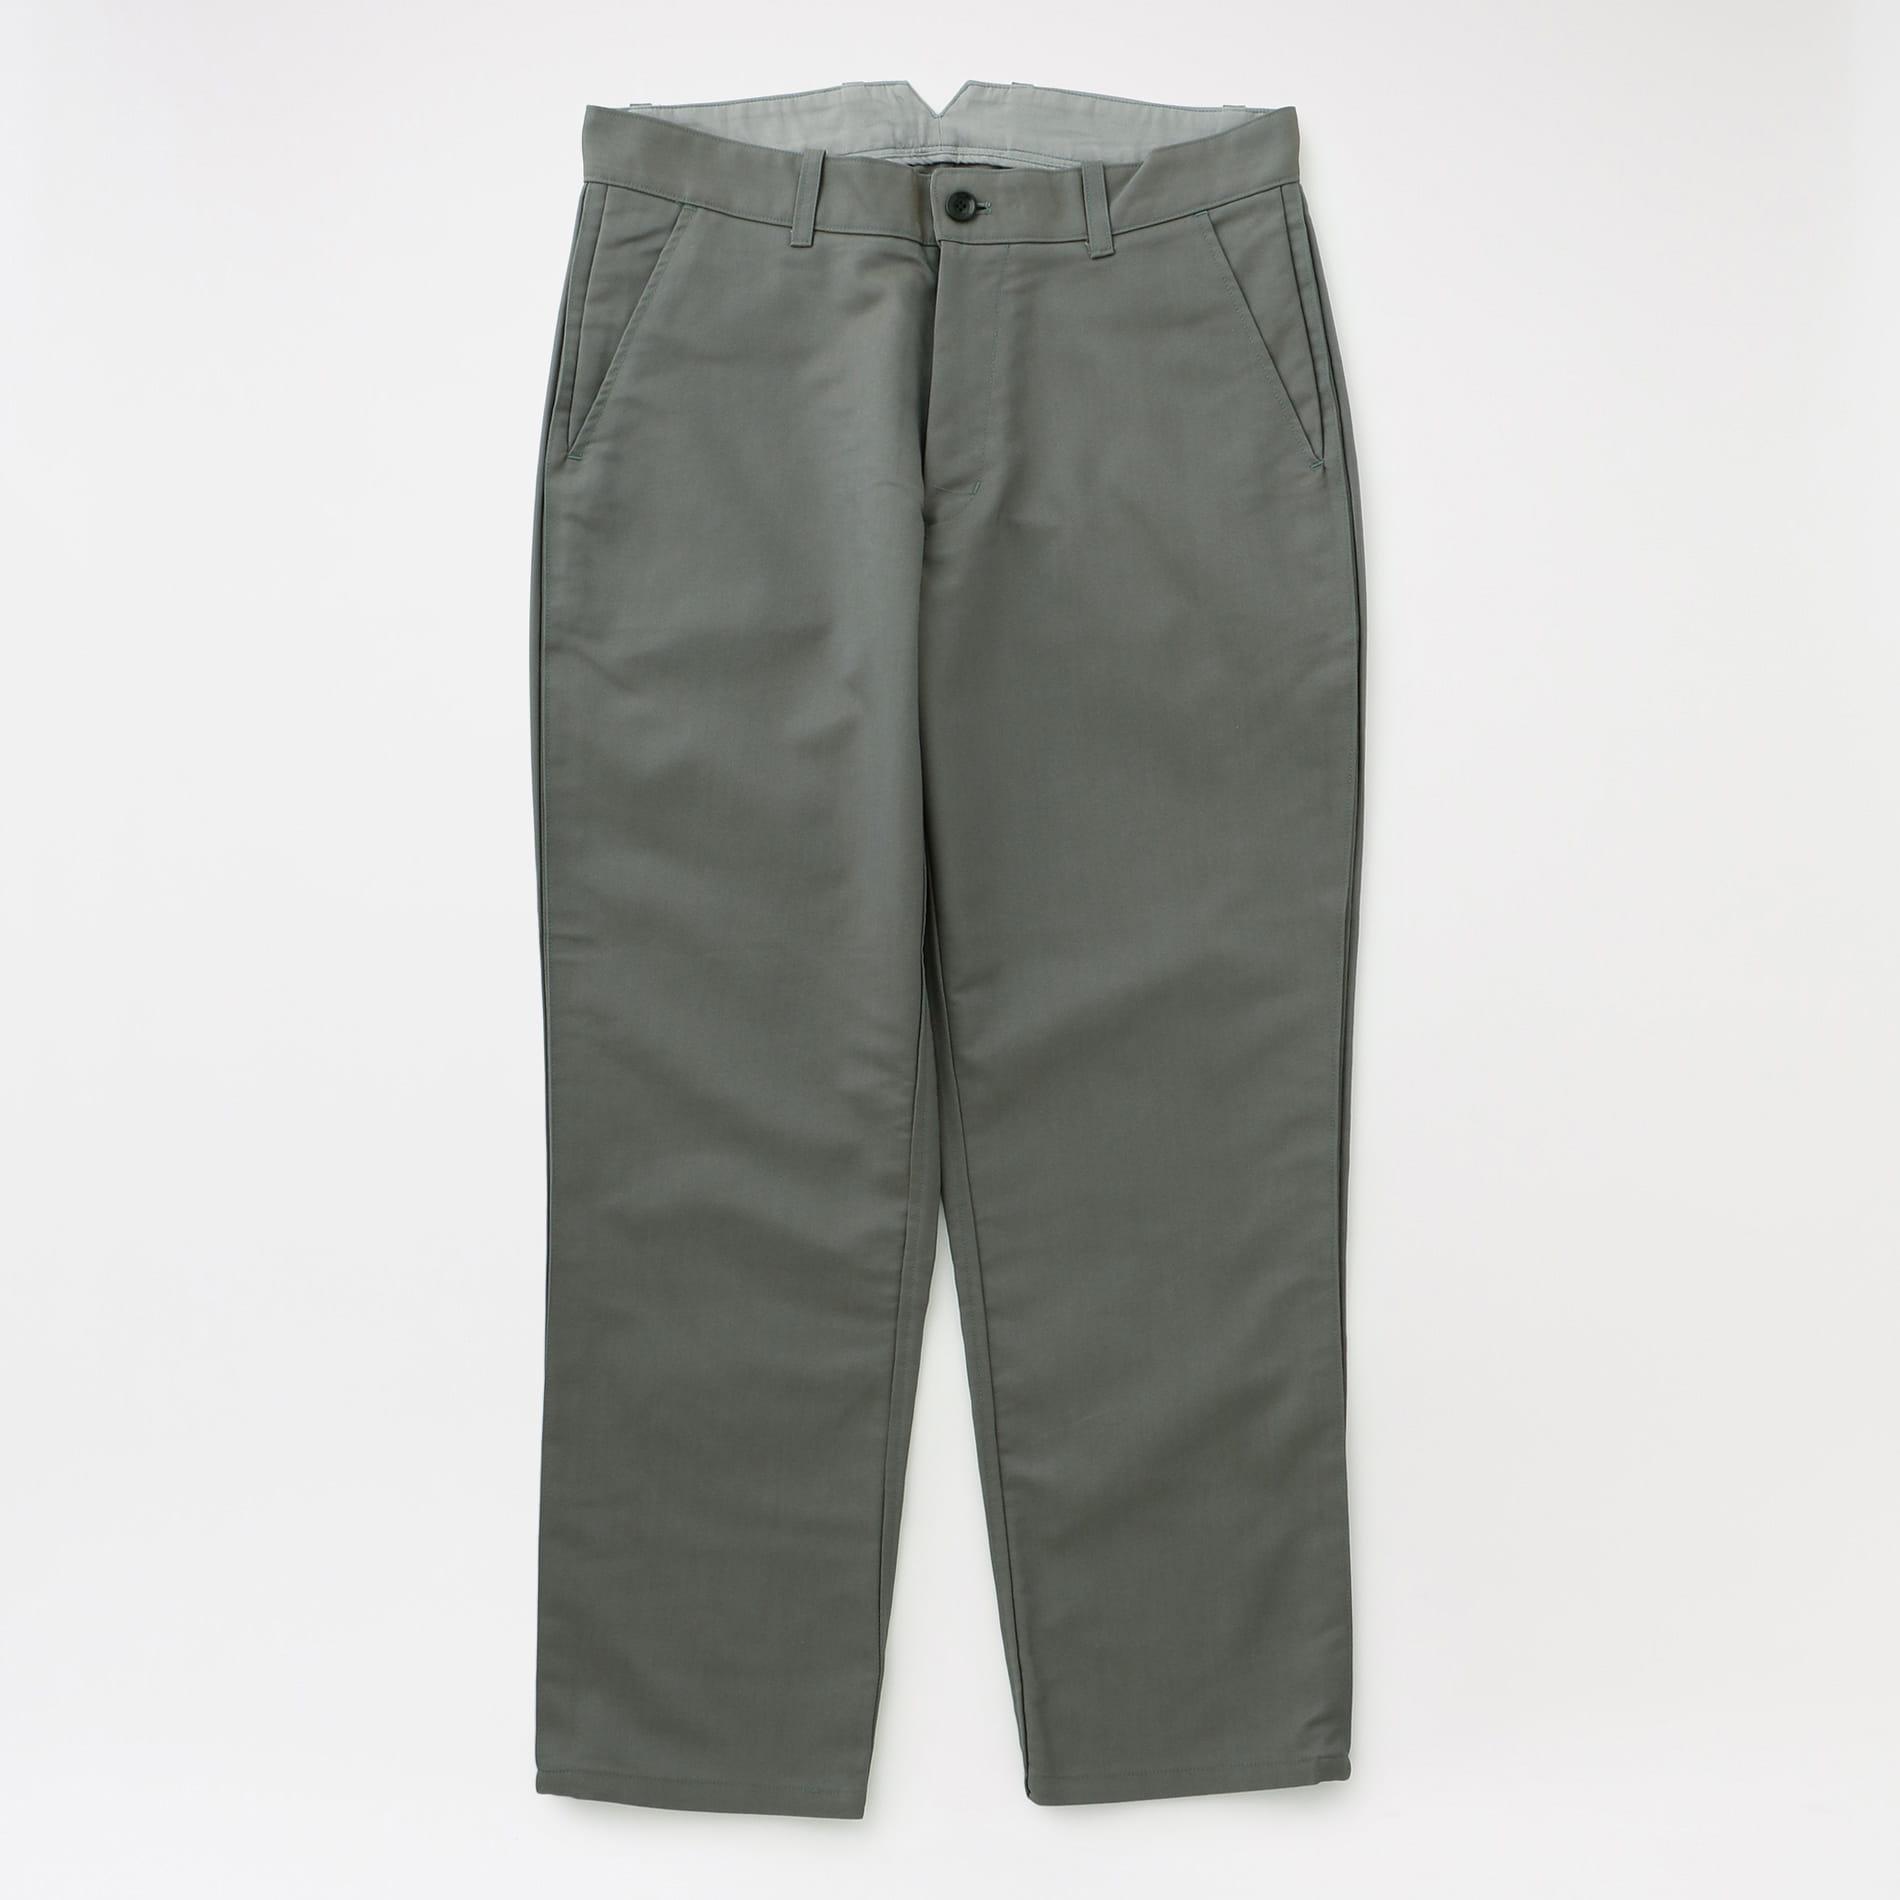 【NOMA t.d.】MEN Outseam Trousers PT03